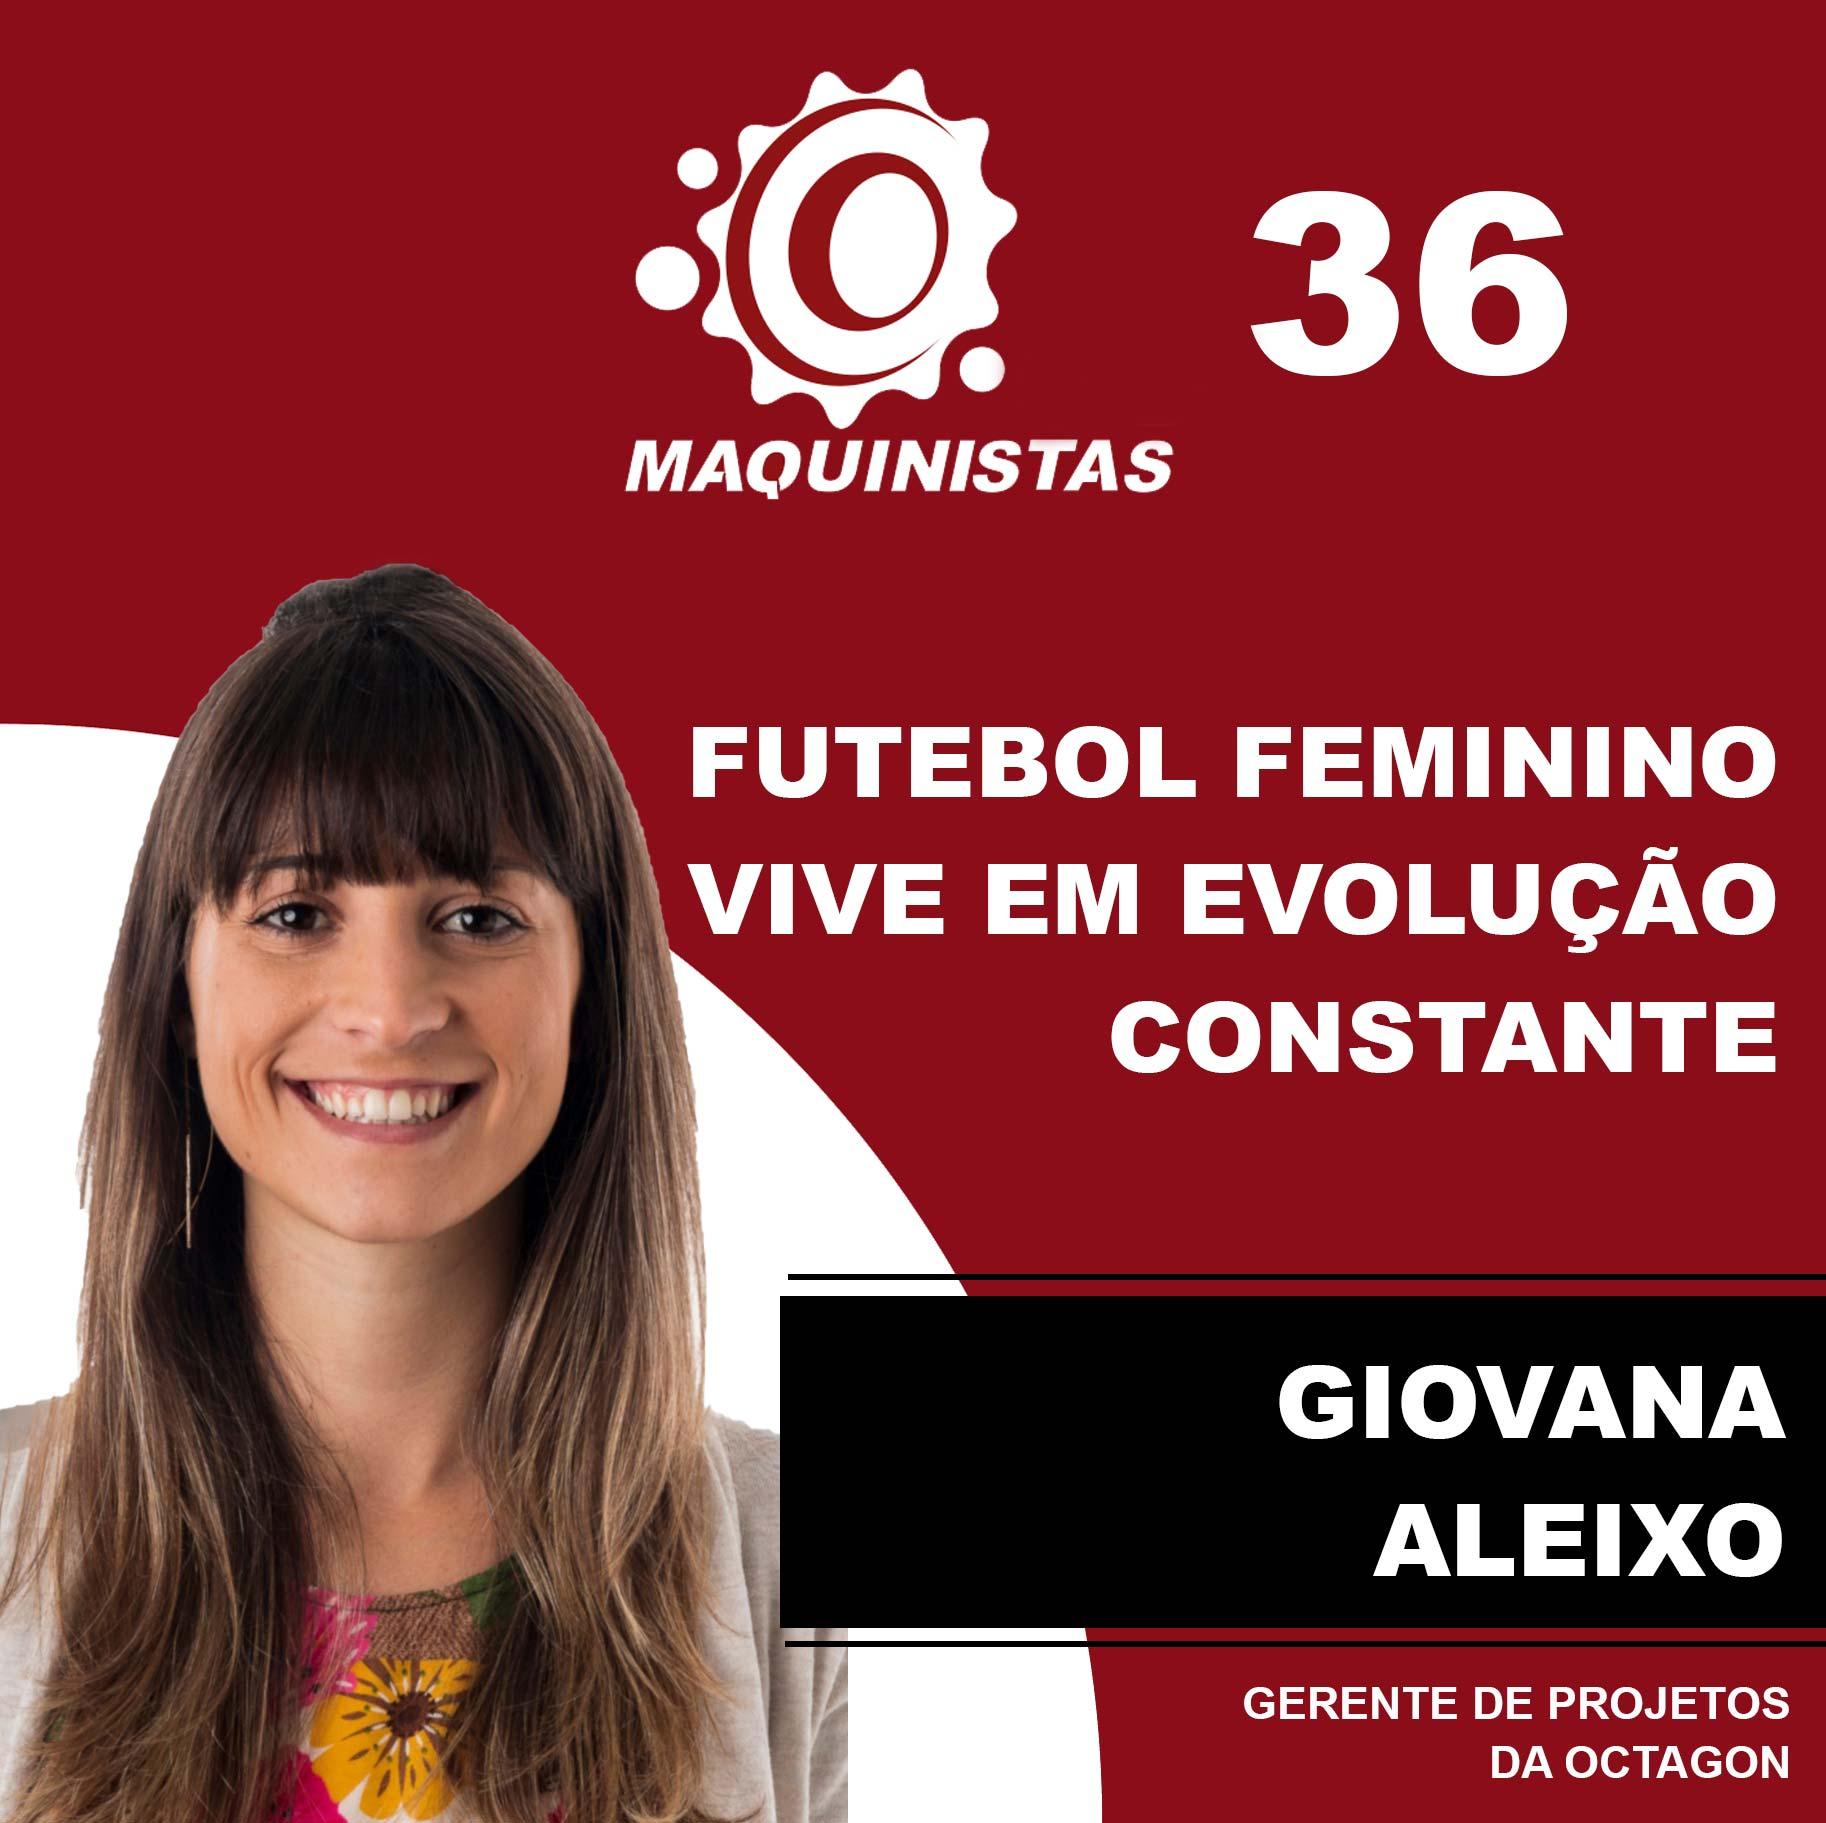 Maquinistas #36: Futebol feminino vive em evolução constante